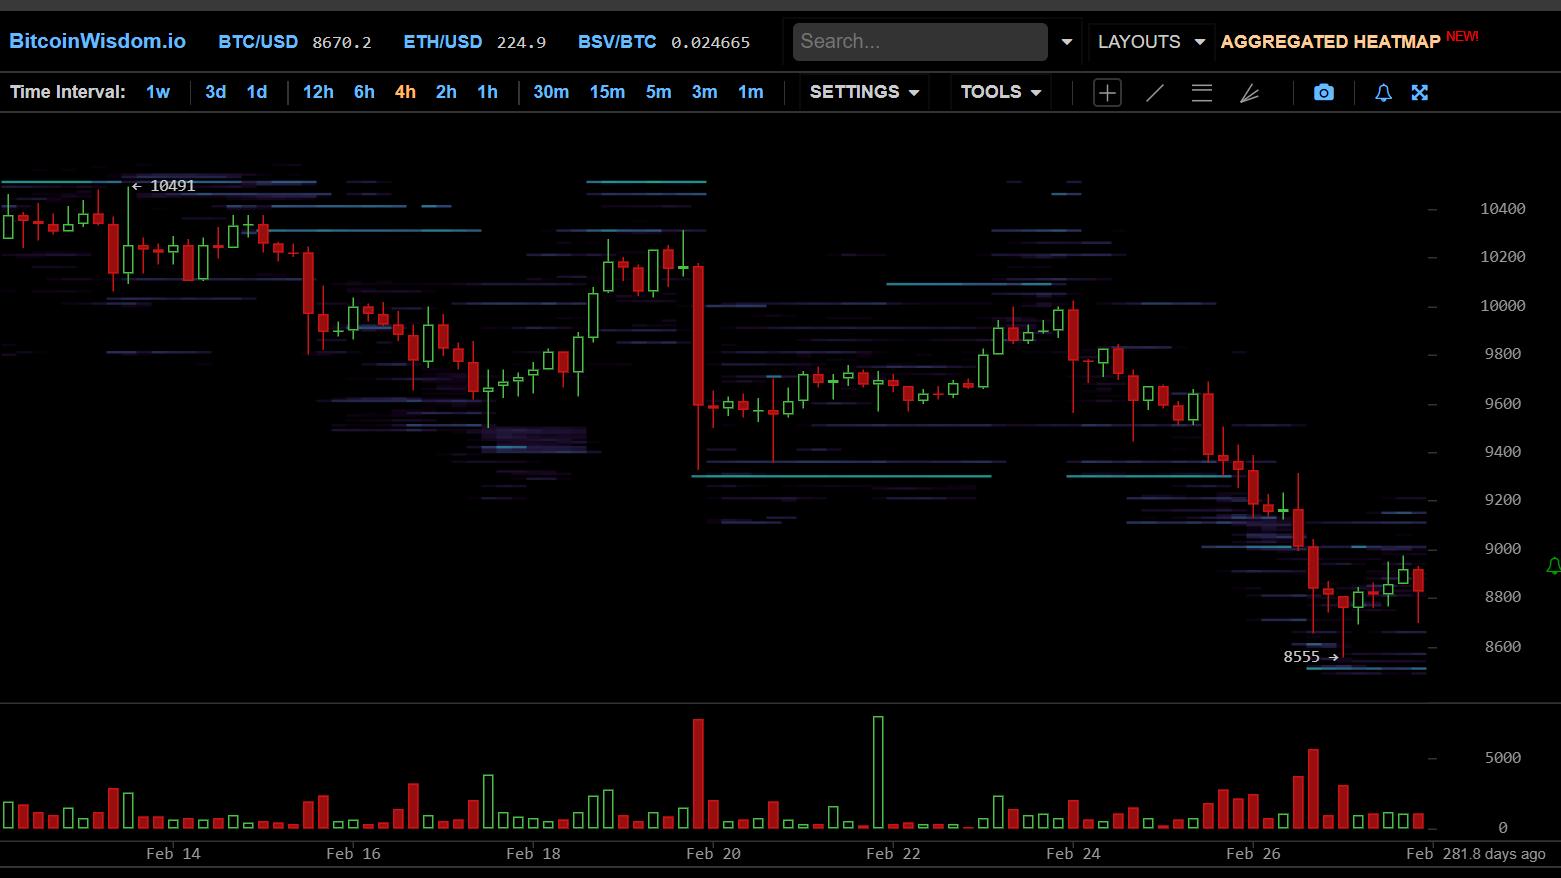 mi az aktuális bitcoin árfolyam